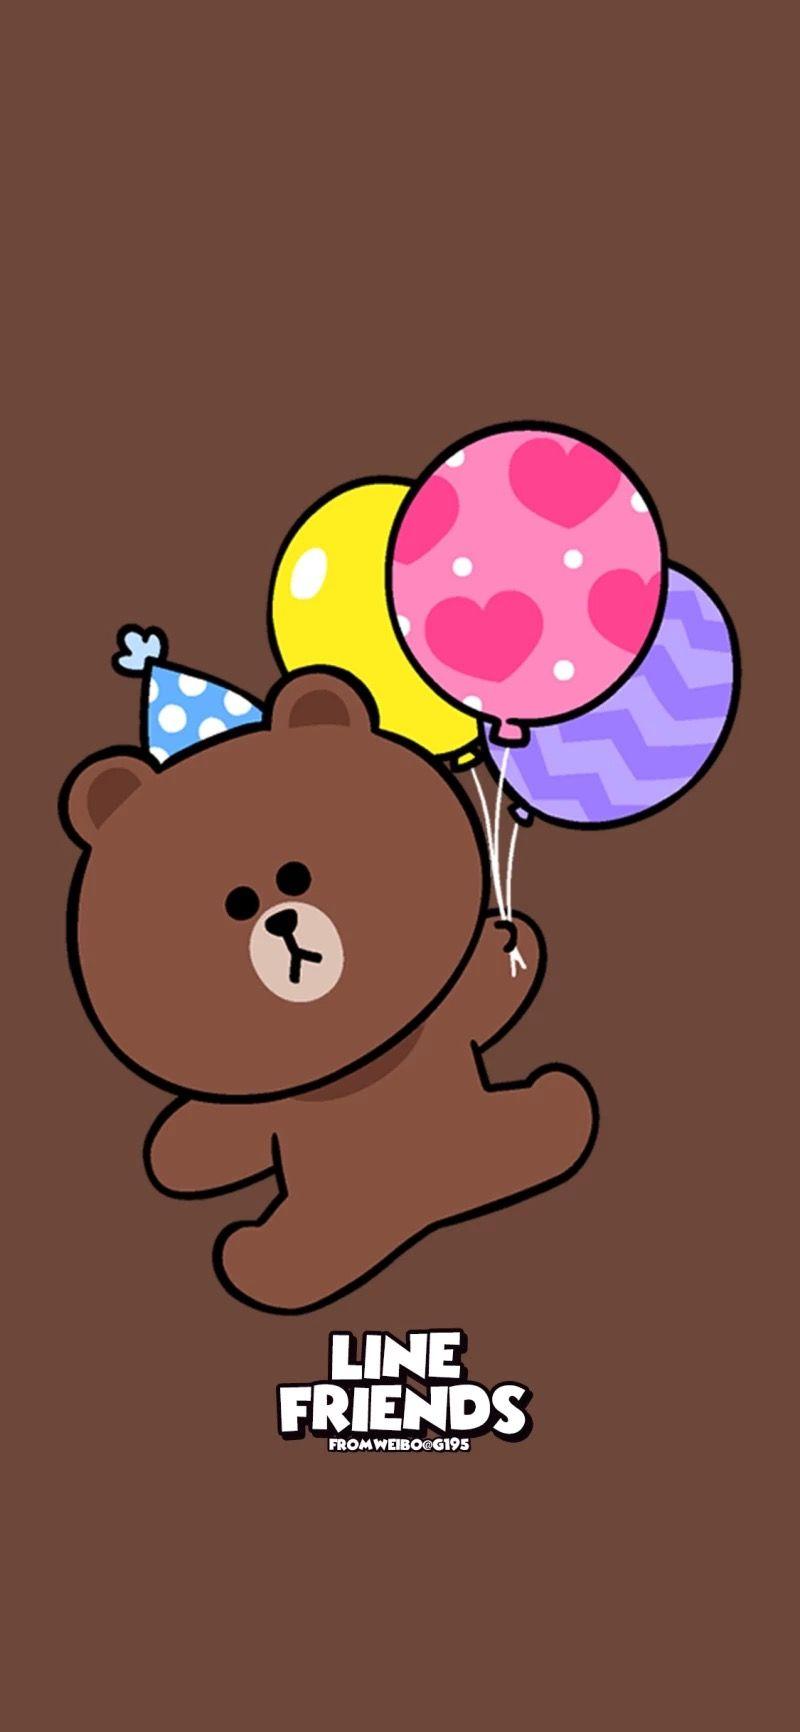 Pin Oleh Elaine Di Wallpaper Line Beruang Coklat Kartun Gambar Animasi Kartun